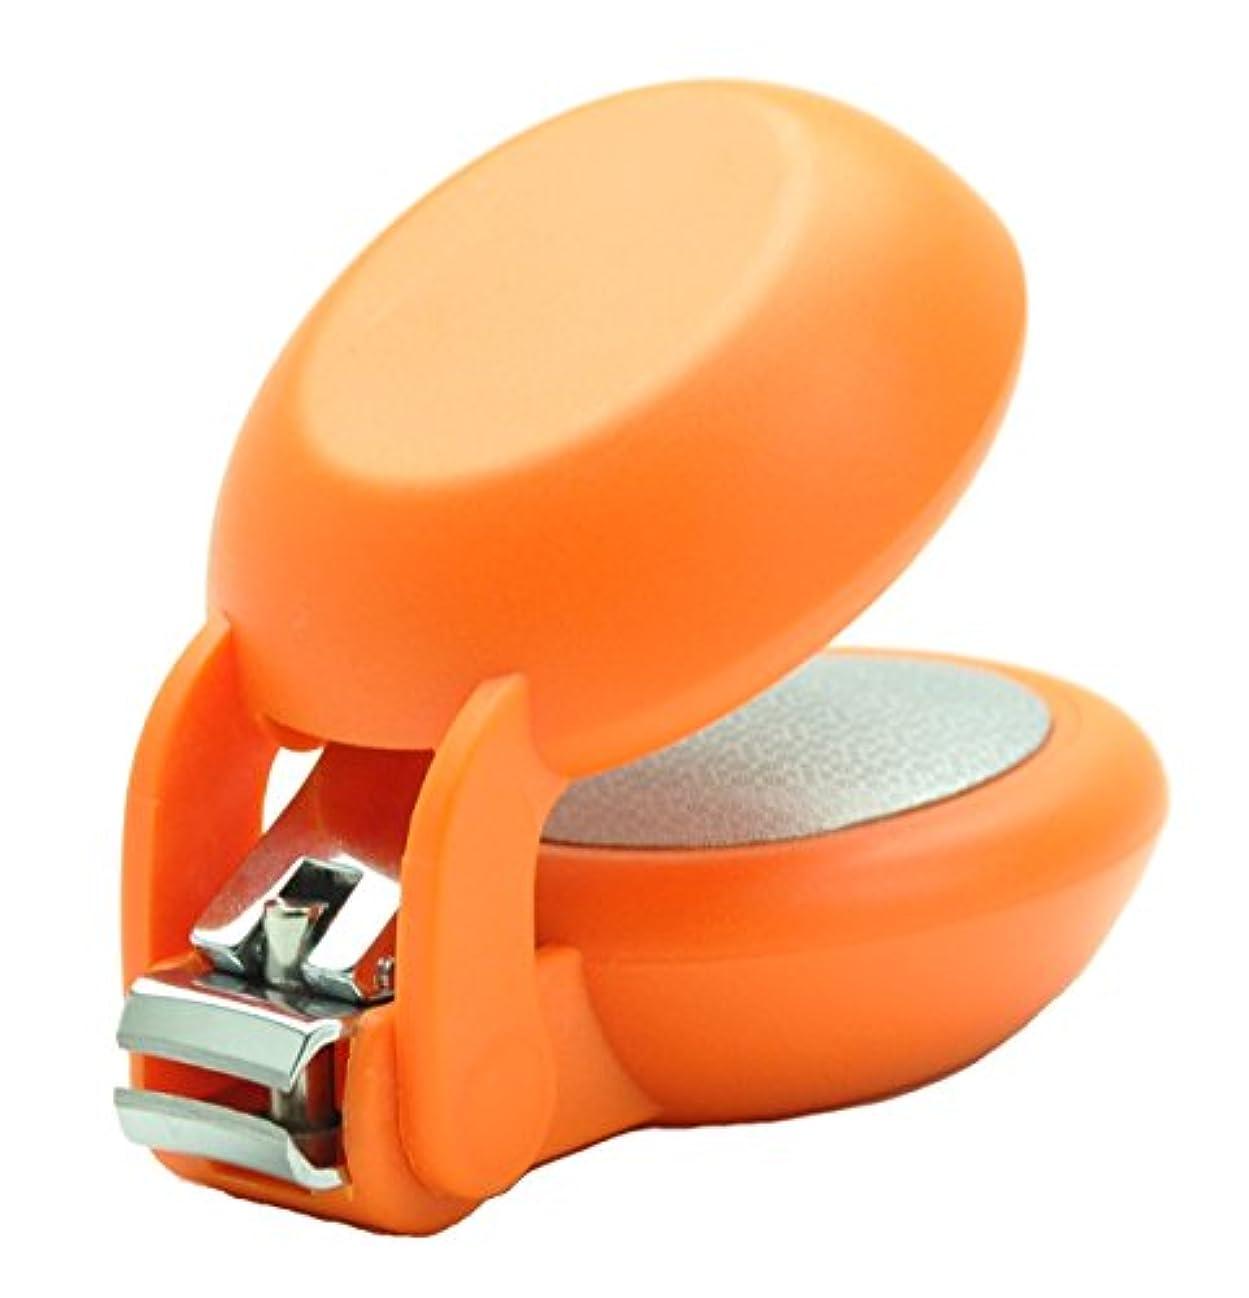 バルセロナエンゲージメントにぎやか爪切り nail clipper (ネイルクリッパー) Nail+ (ネイルプラス) Orange (オレンジ)